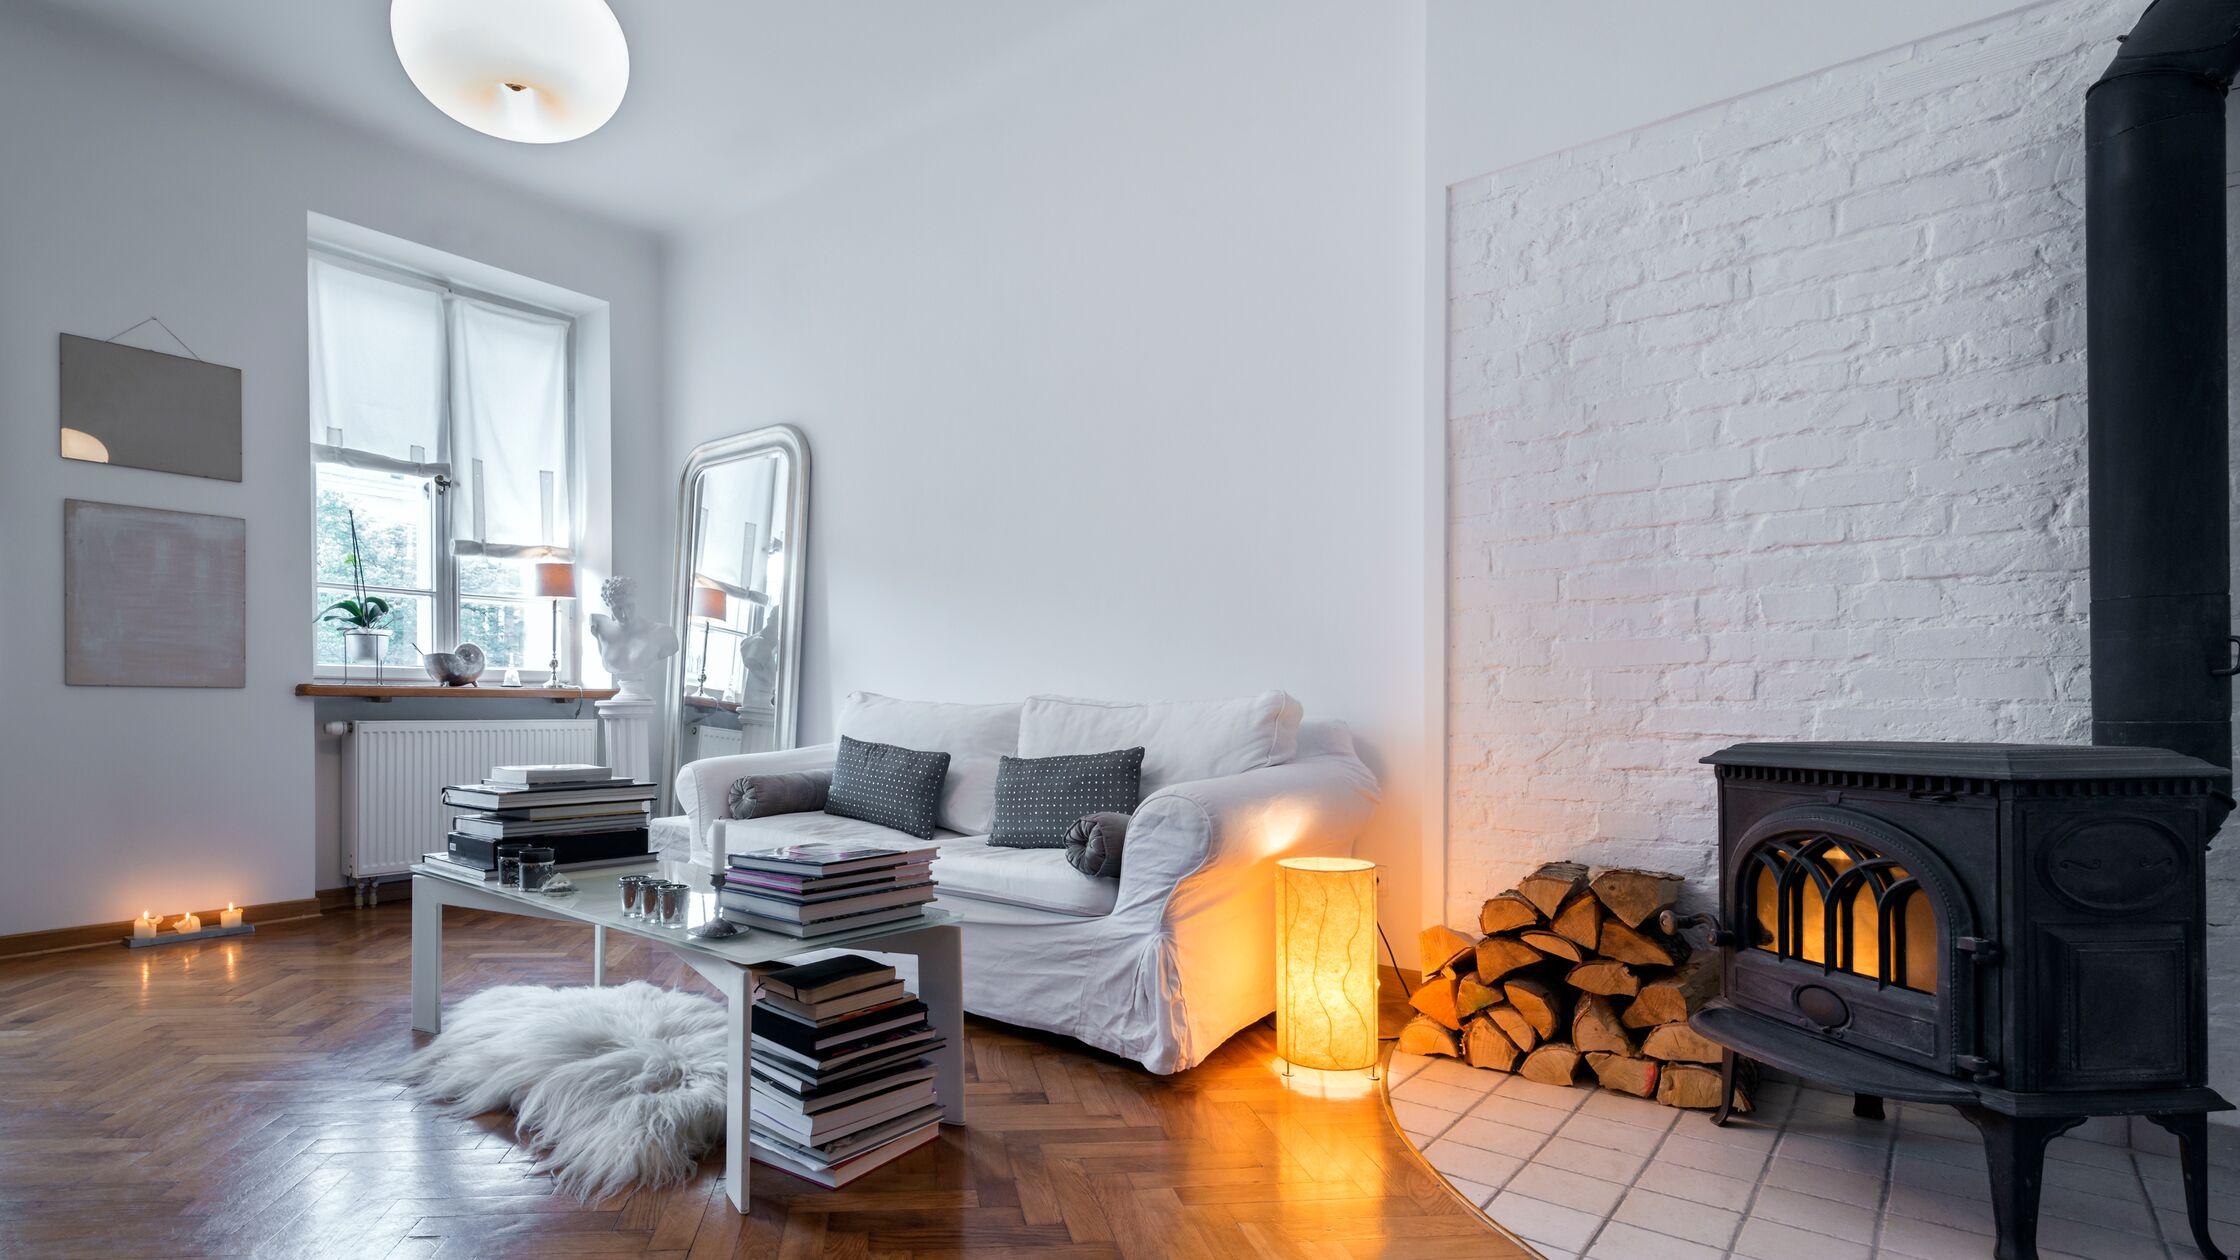 Parkett, altes Mauerwerk und ein antiker Ofen neben modernen Wohnzimmermöbeln: Altbauwohnungen müssen sich nicht auf Omas Einrichtung beschränken.